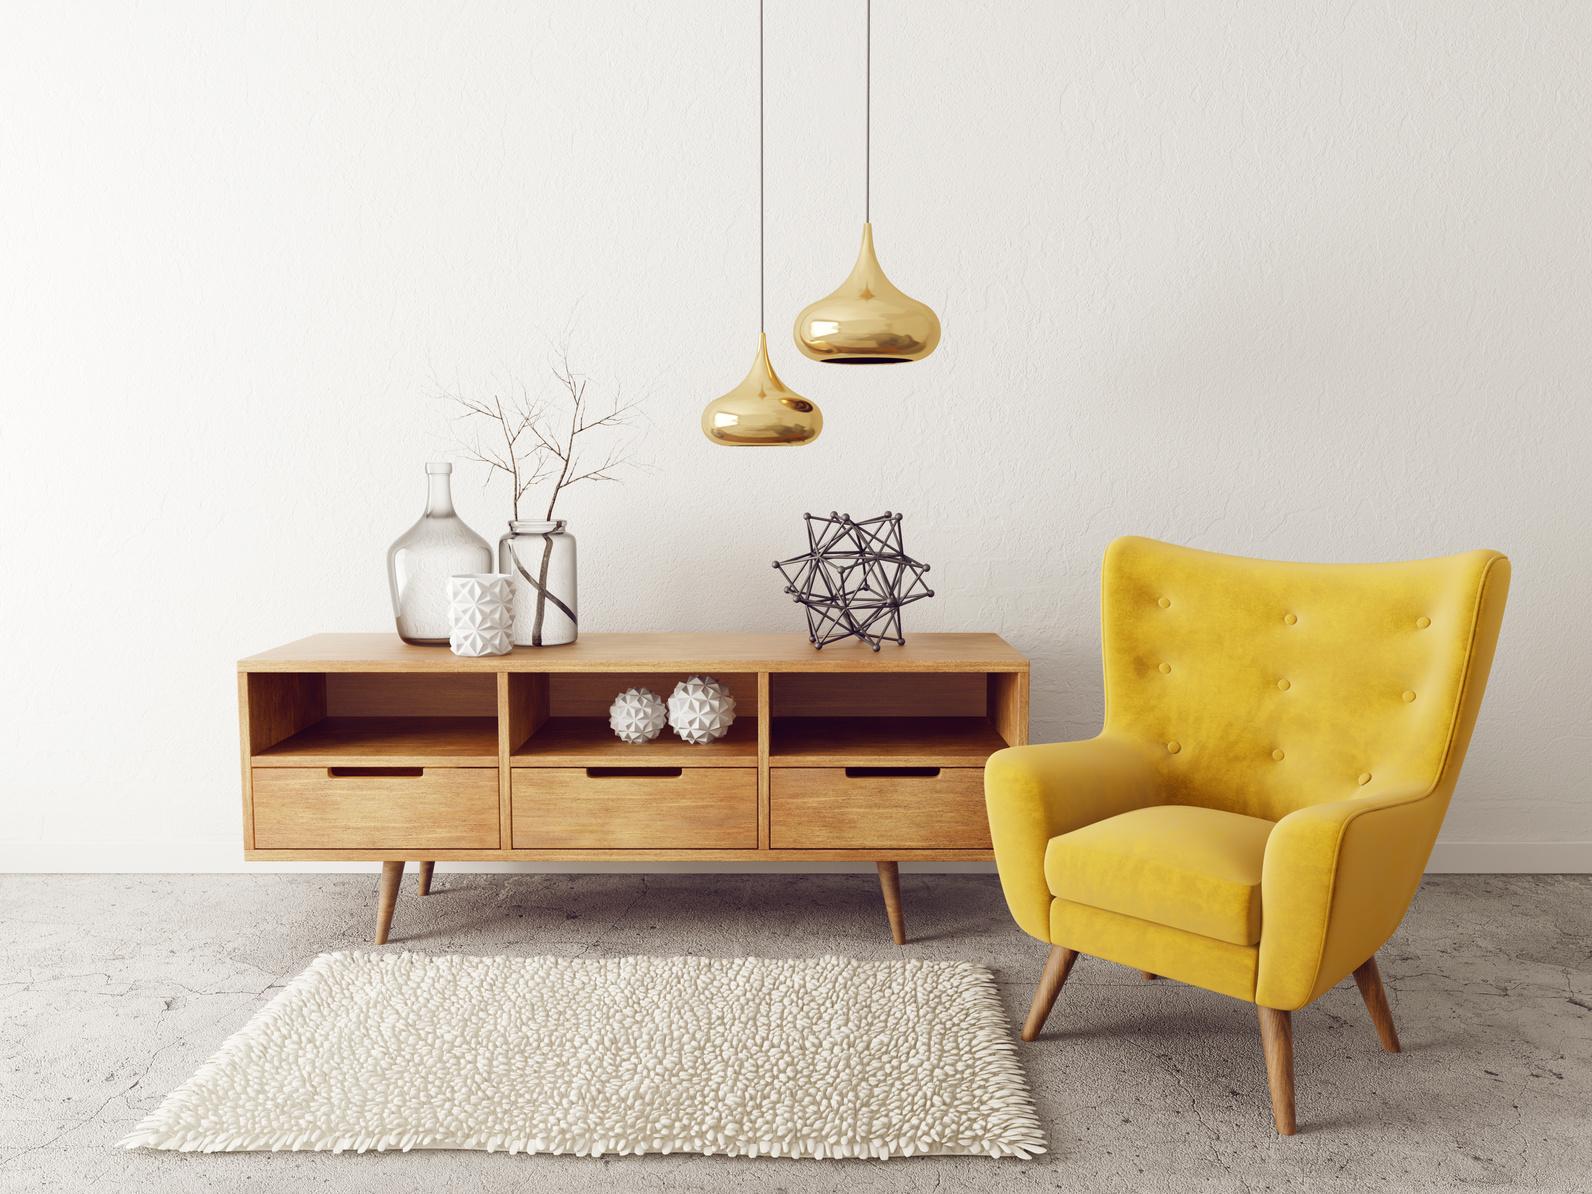 les objets vintages et tendances chiner en ligne. Black Bedroom Furniture Sets. Home Design Ideas